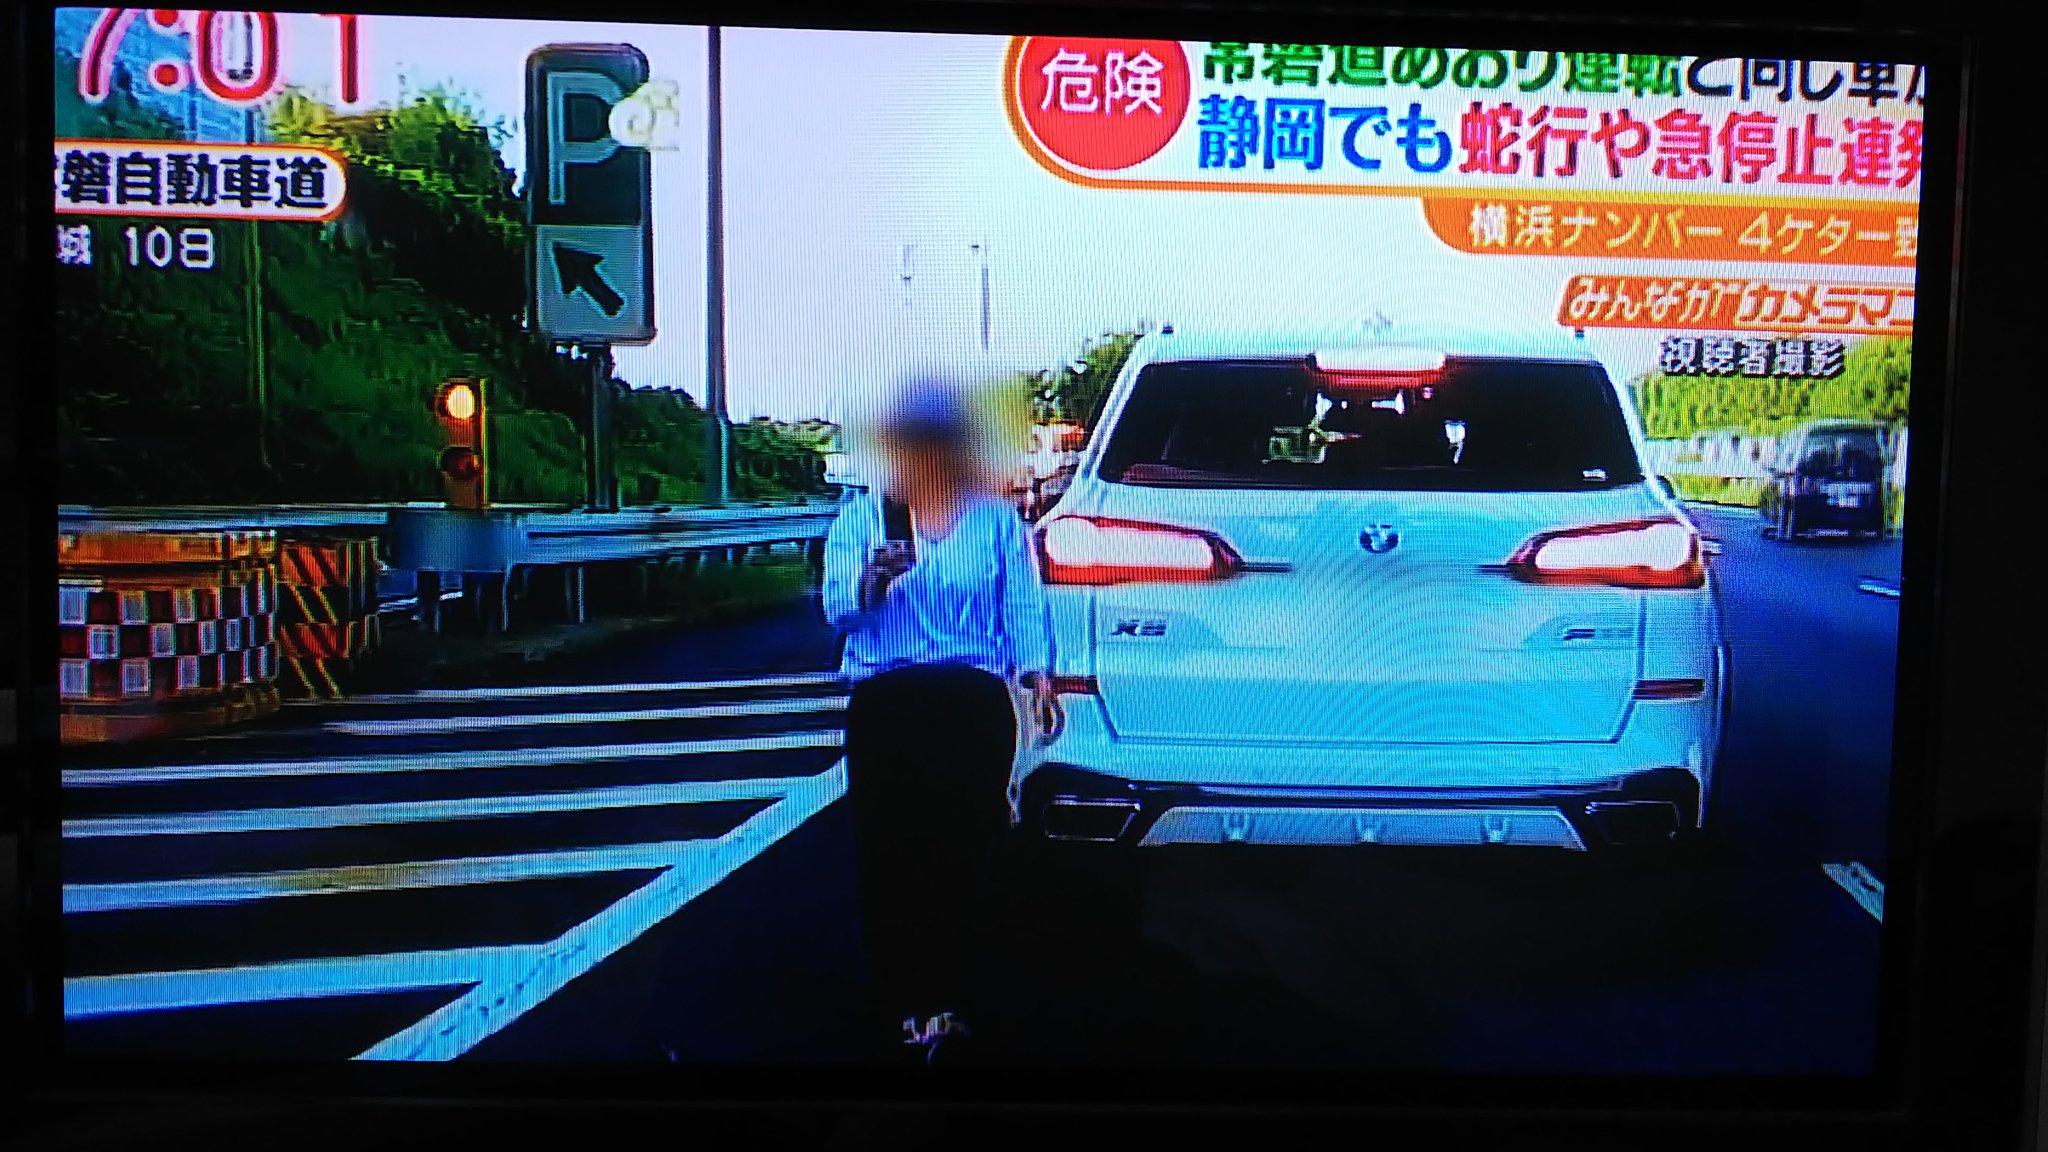 画像,ニュース映像を撮影📸静岡と常磐道で危険な煽り運転を繰り返すドイツ車の白いSUV。①横浜ナンバー②体格のごつい運転手の男③スマホを向けて撮影する同乗者の女この白い…